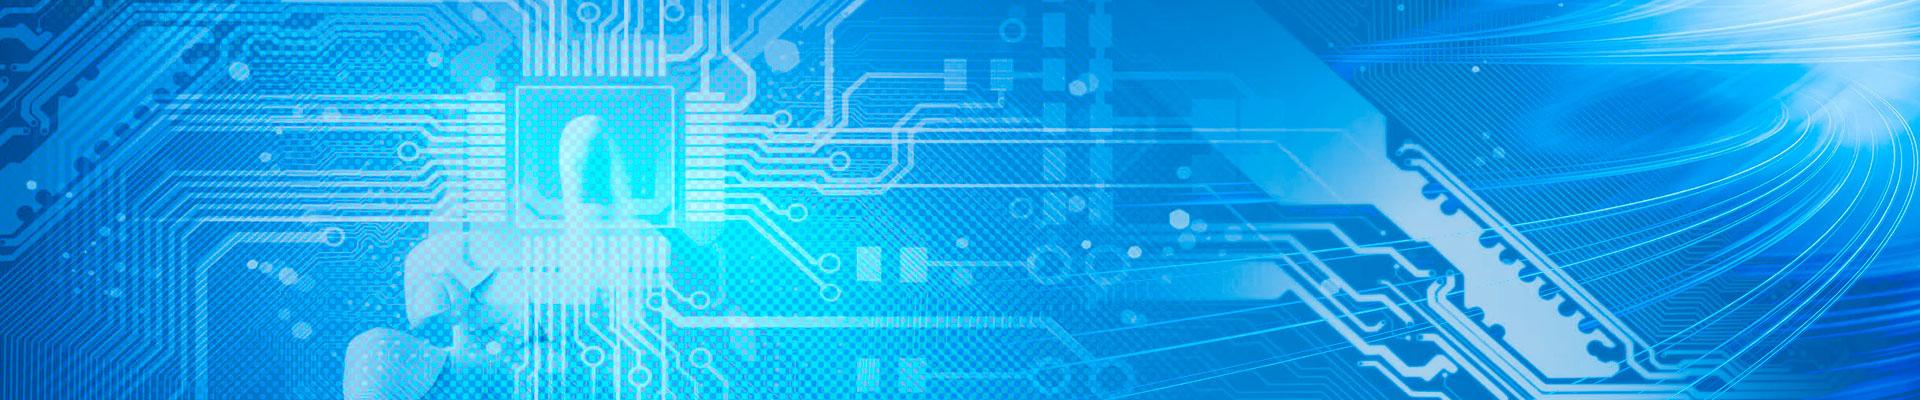 Технологические тренды-2020 требуют обдуманных инвестиций